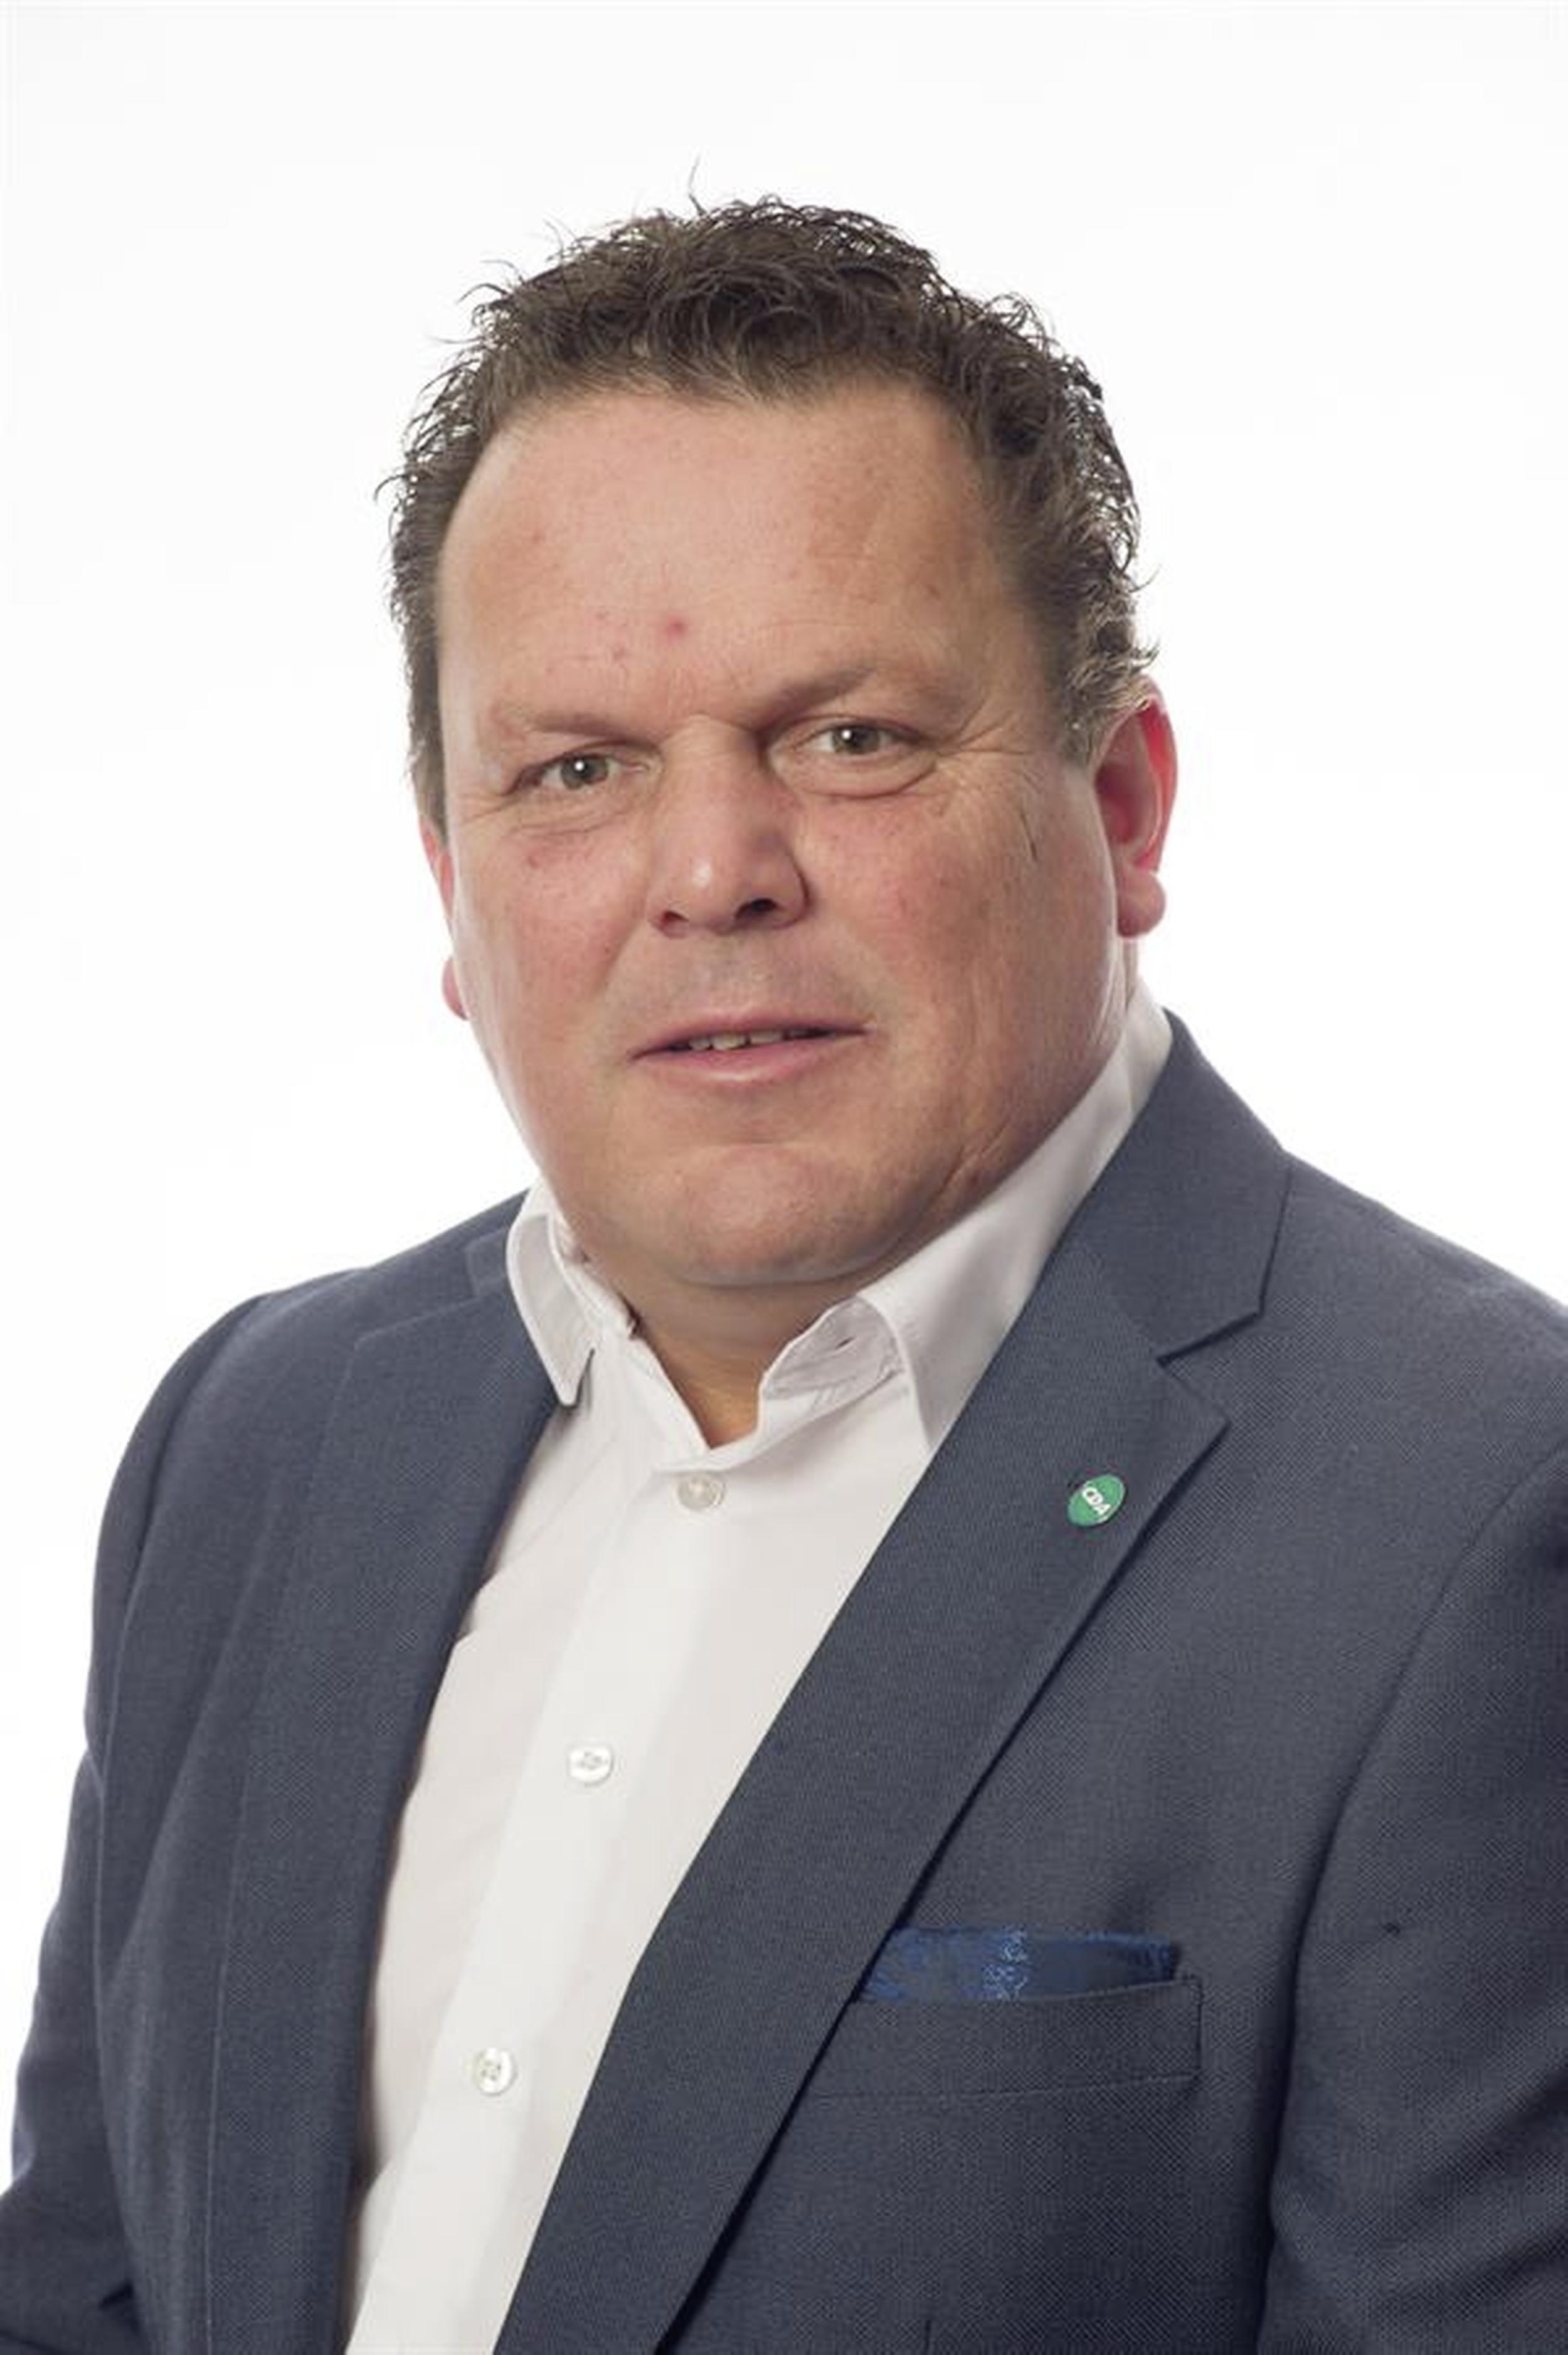 Noodkreet uit Wijdemeren: 'Tientallen horeca-ondernemers op omvallen, lokale politiek moet nu ingrijpen'